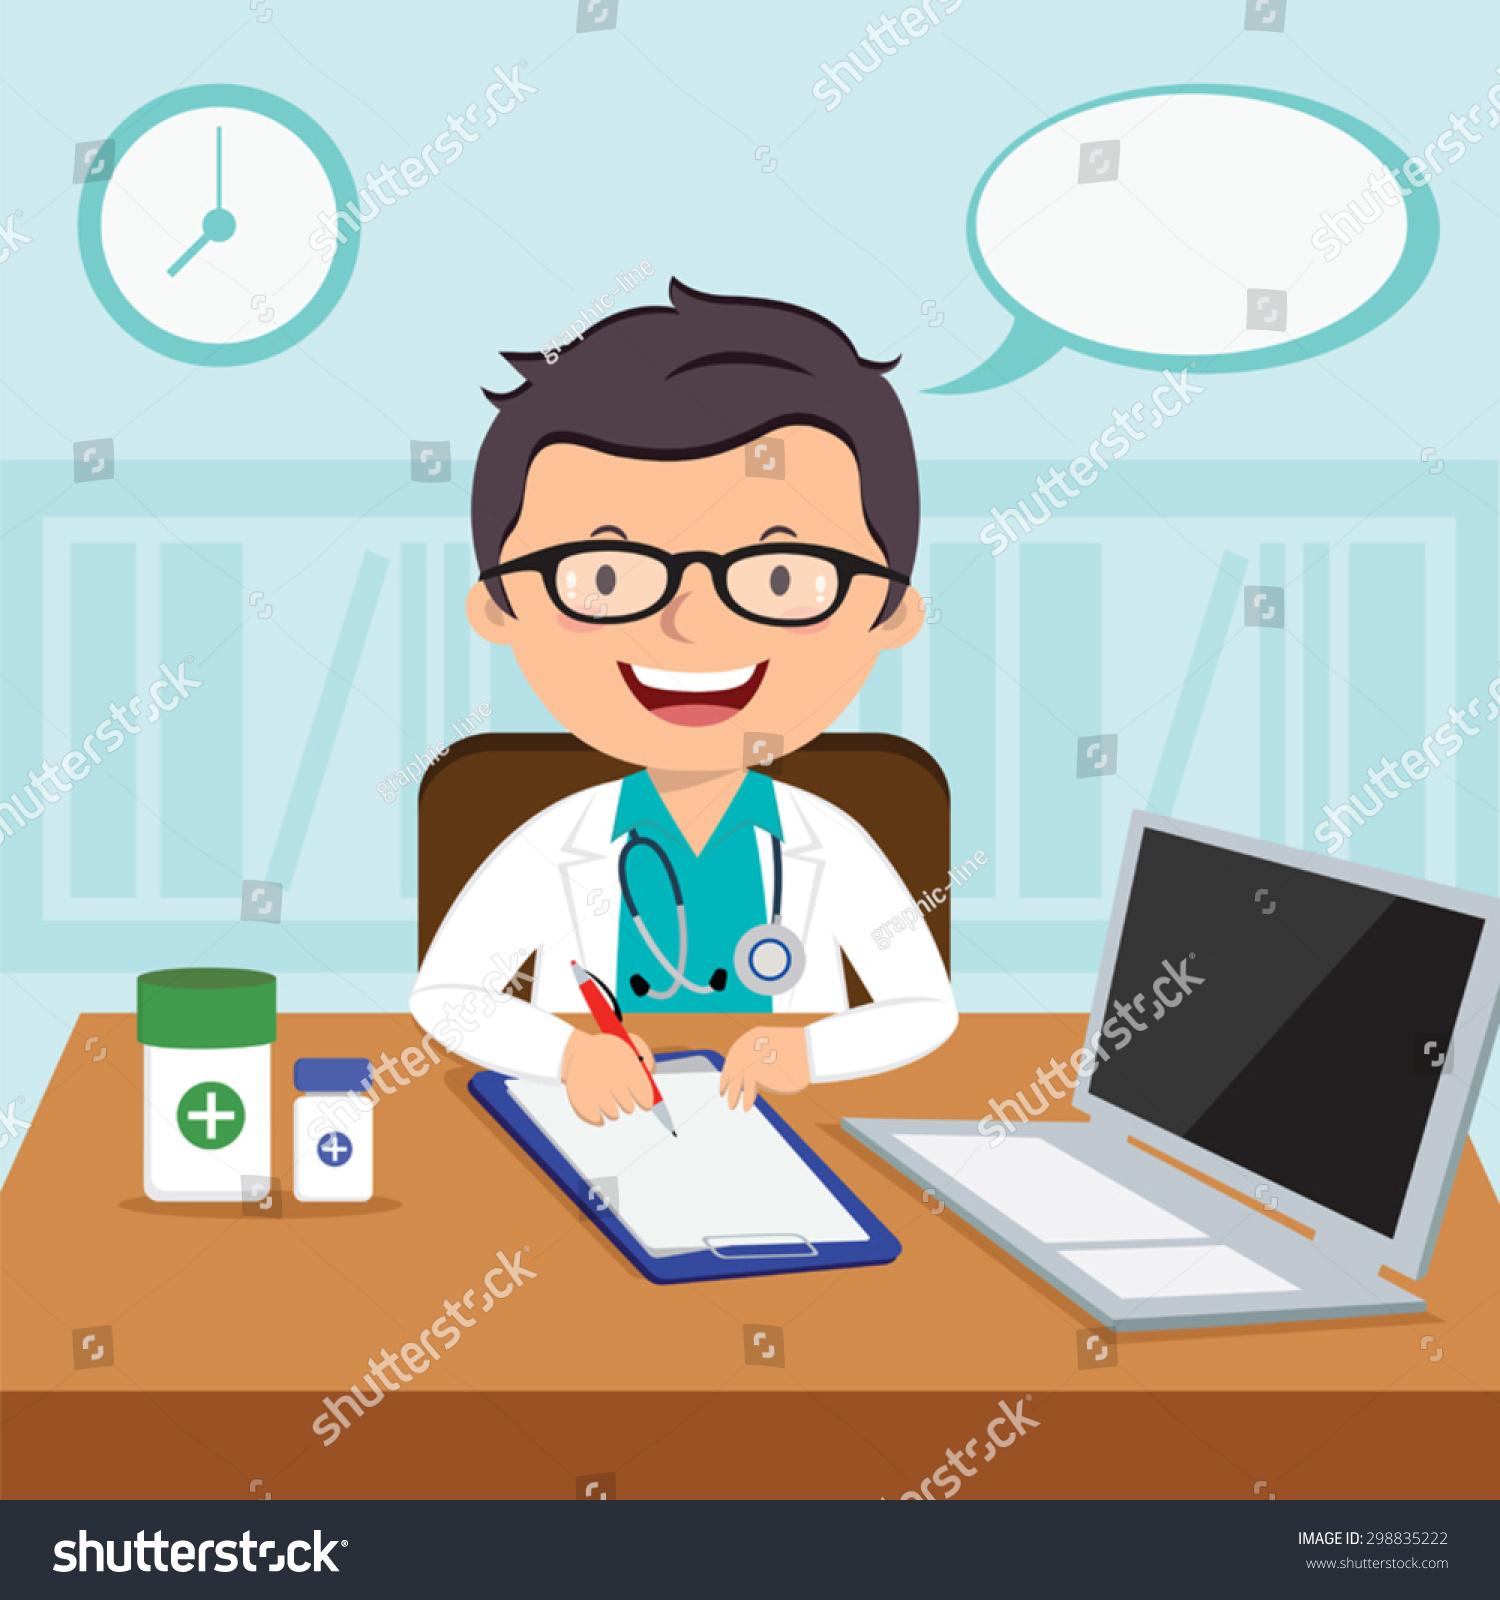 微笑的医生或家庭医生的矢量插图.